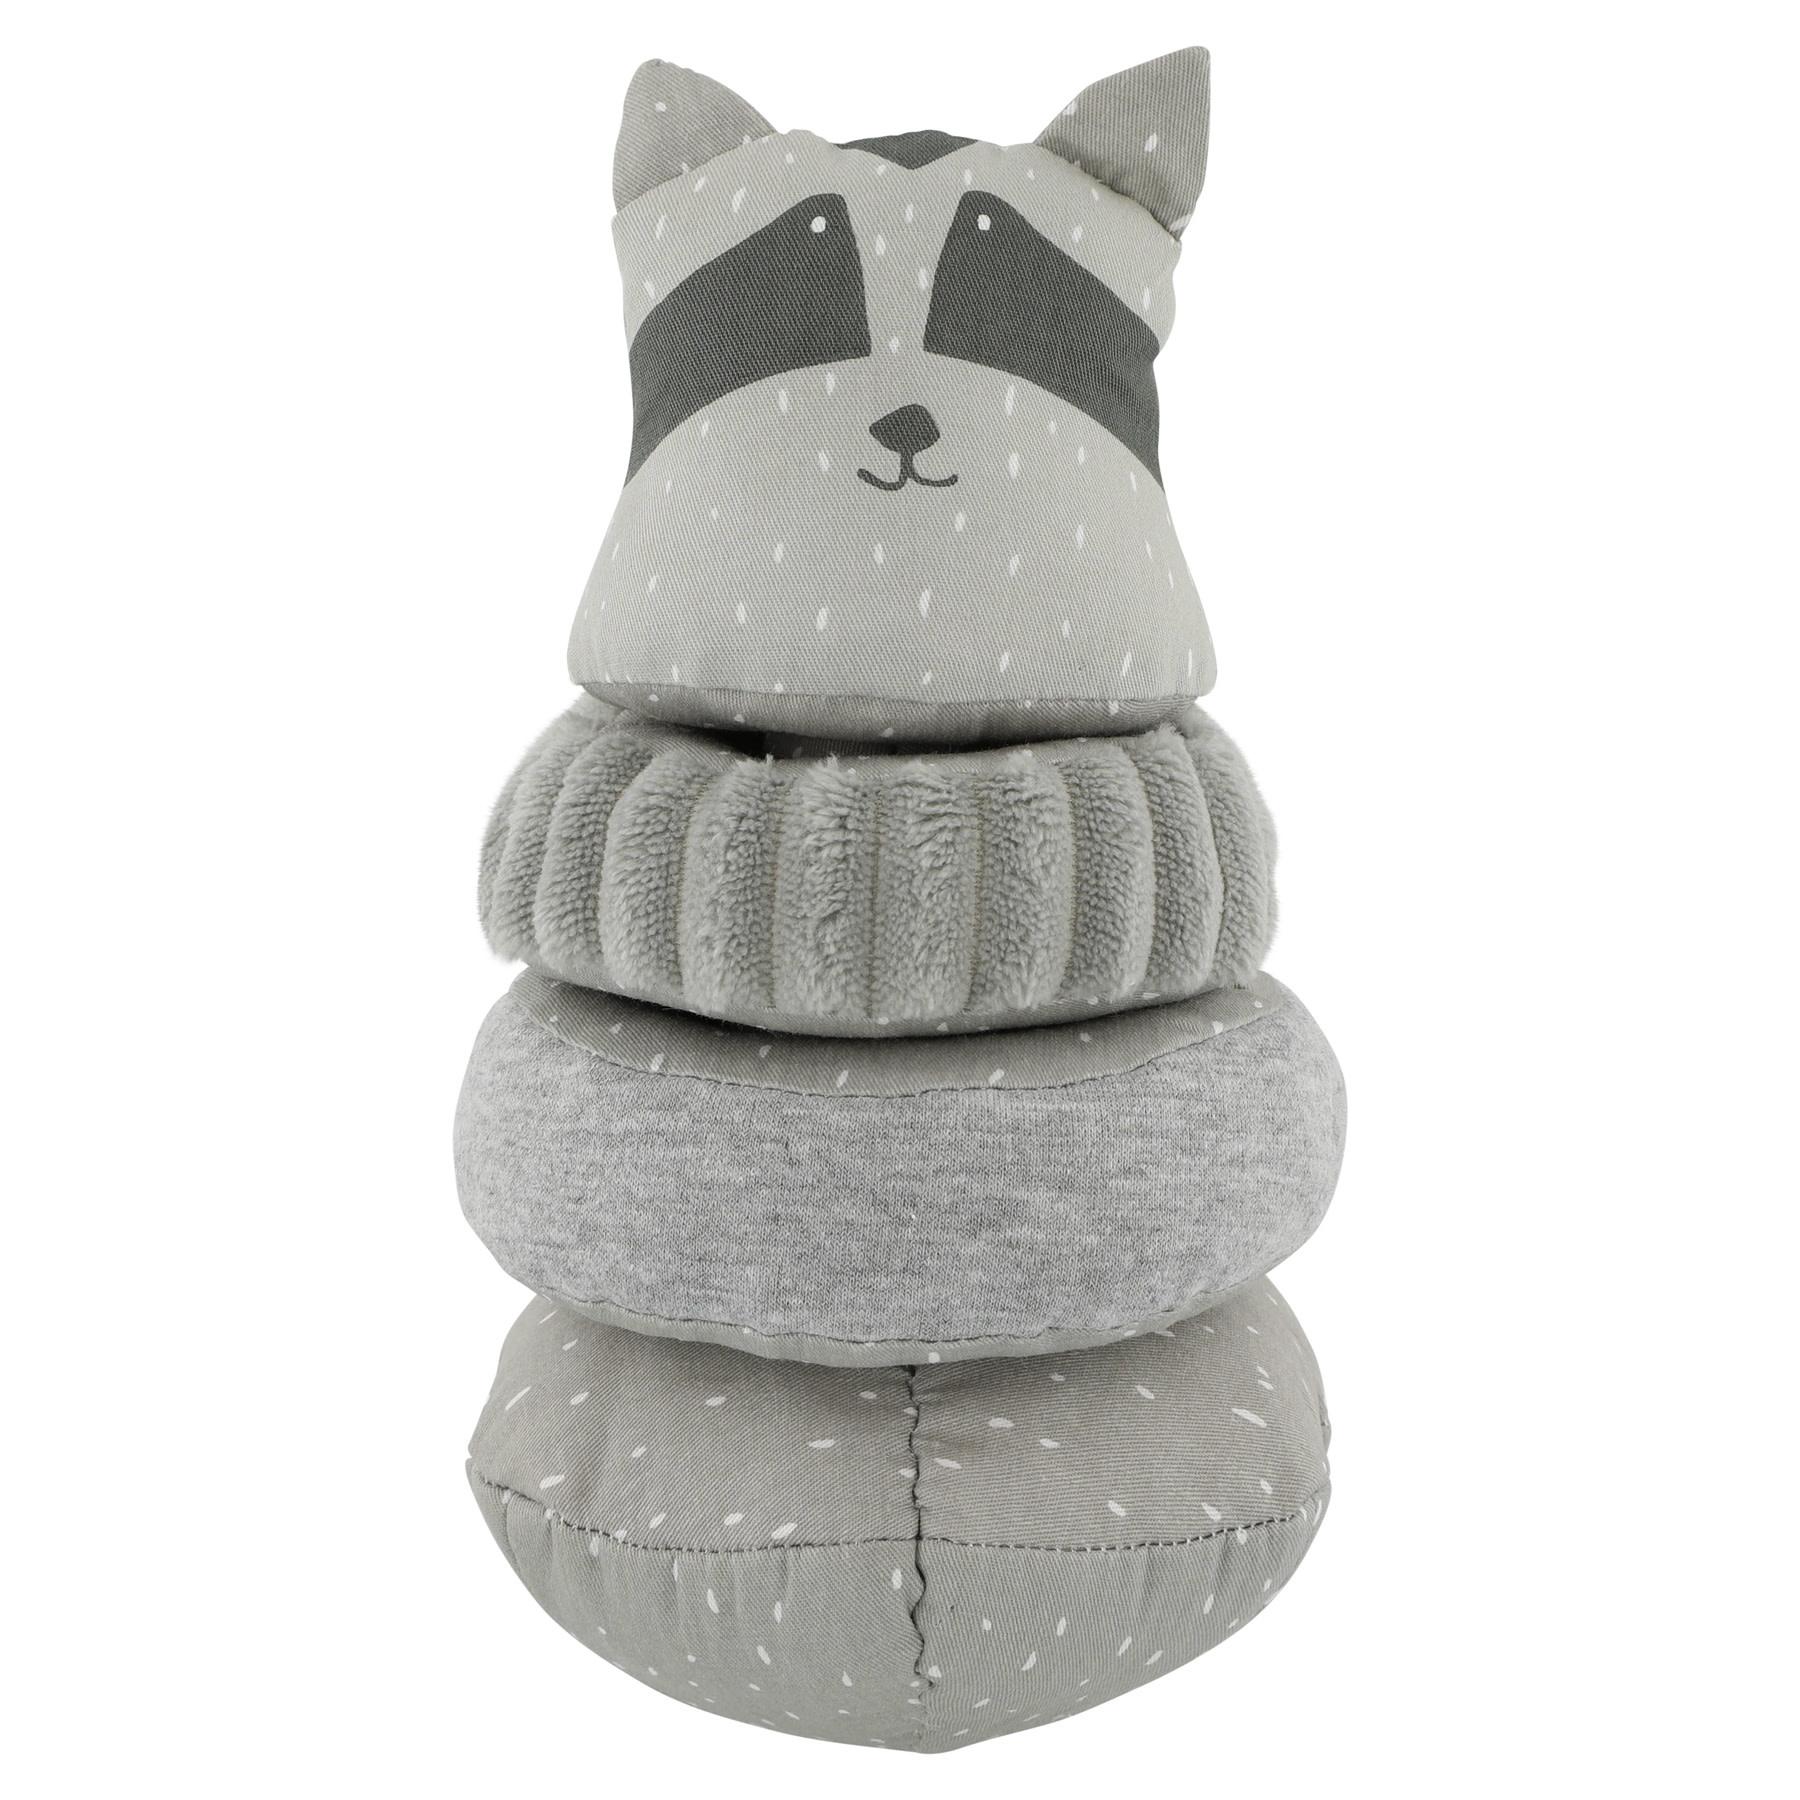 Stapelbare duikelaar mr. raccoon-1